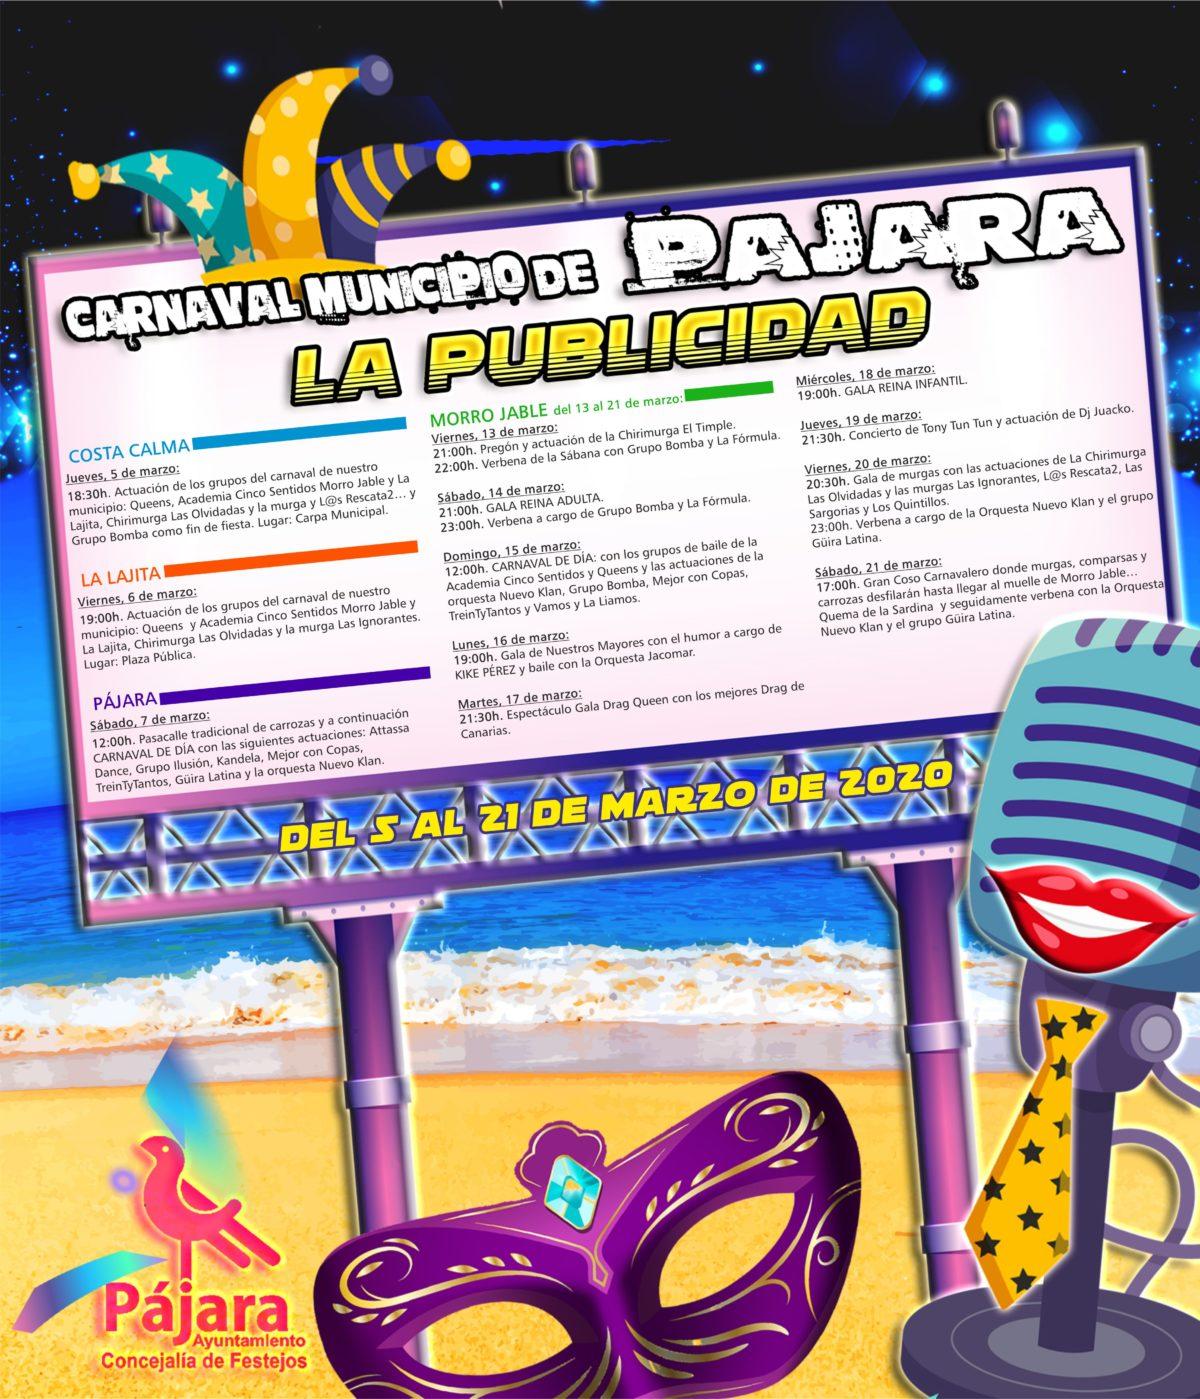 Los carnavales de Pájara arrancarán con el tradicional pasacalle de carrozas